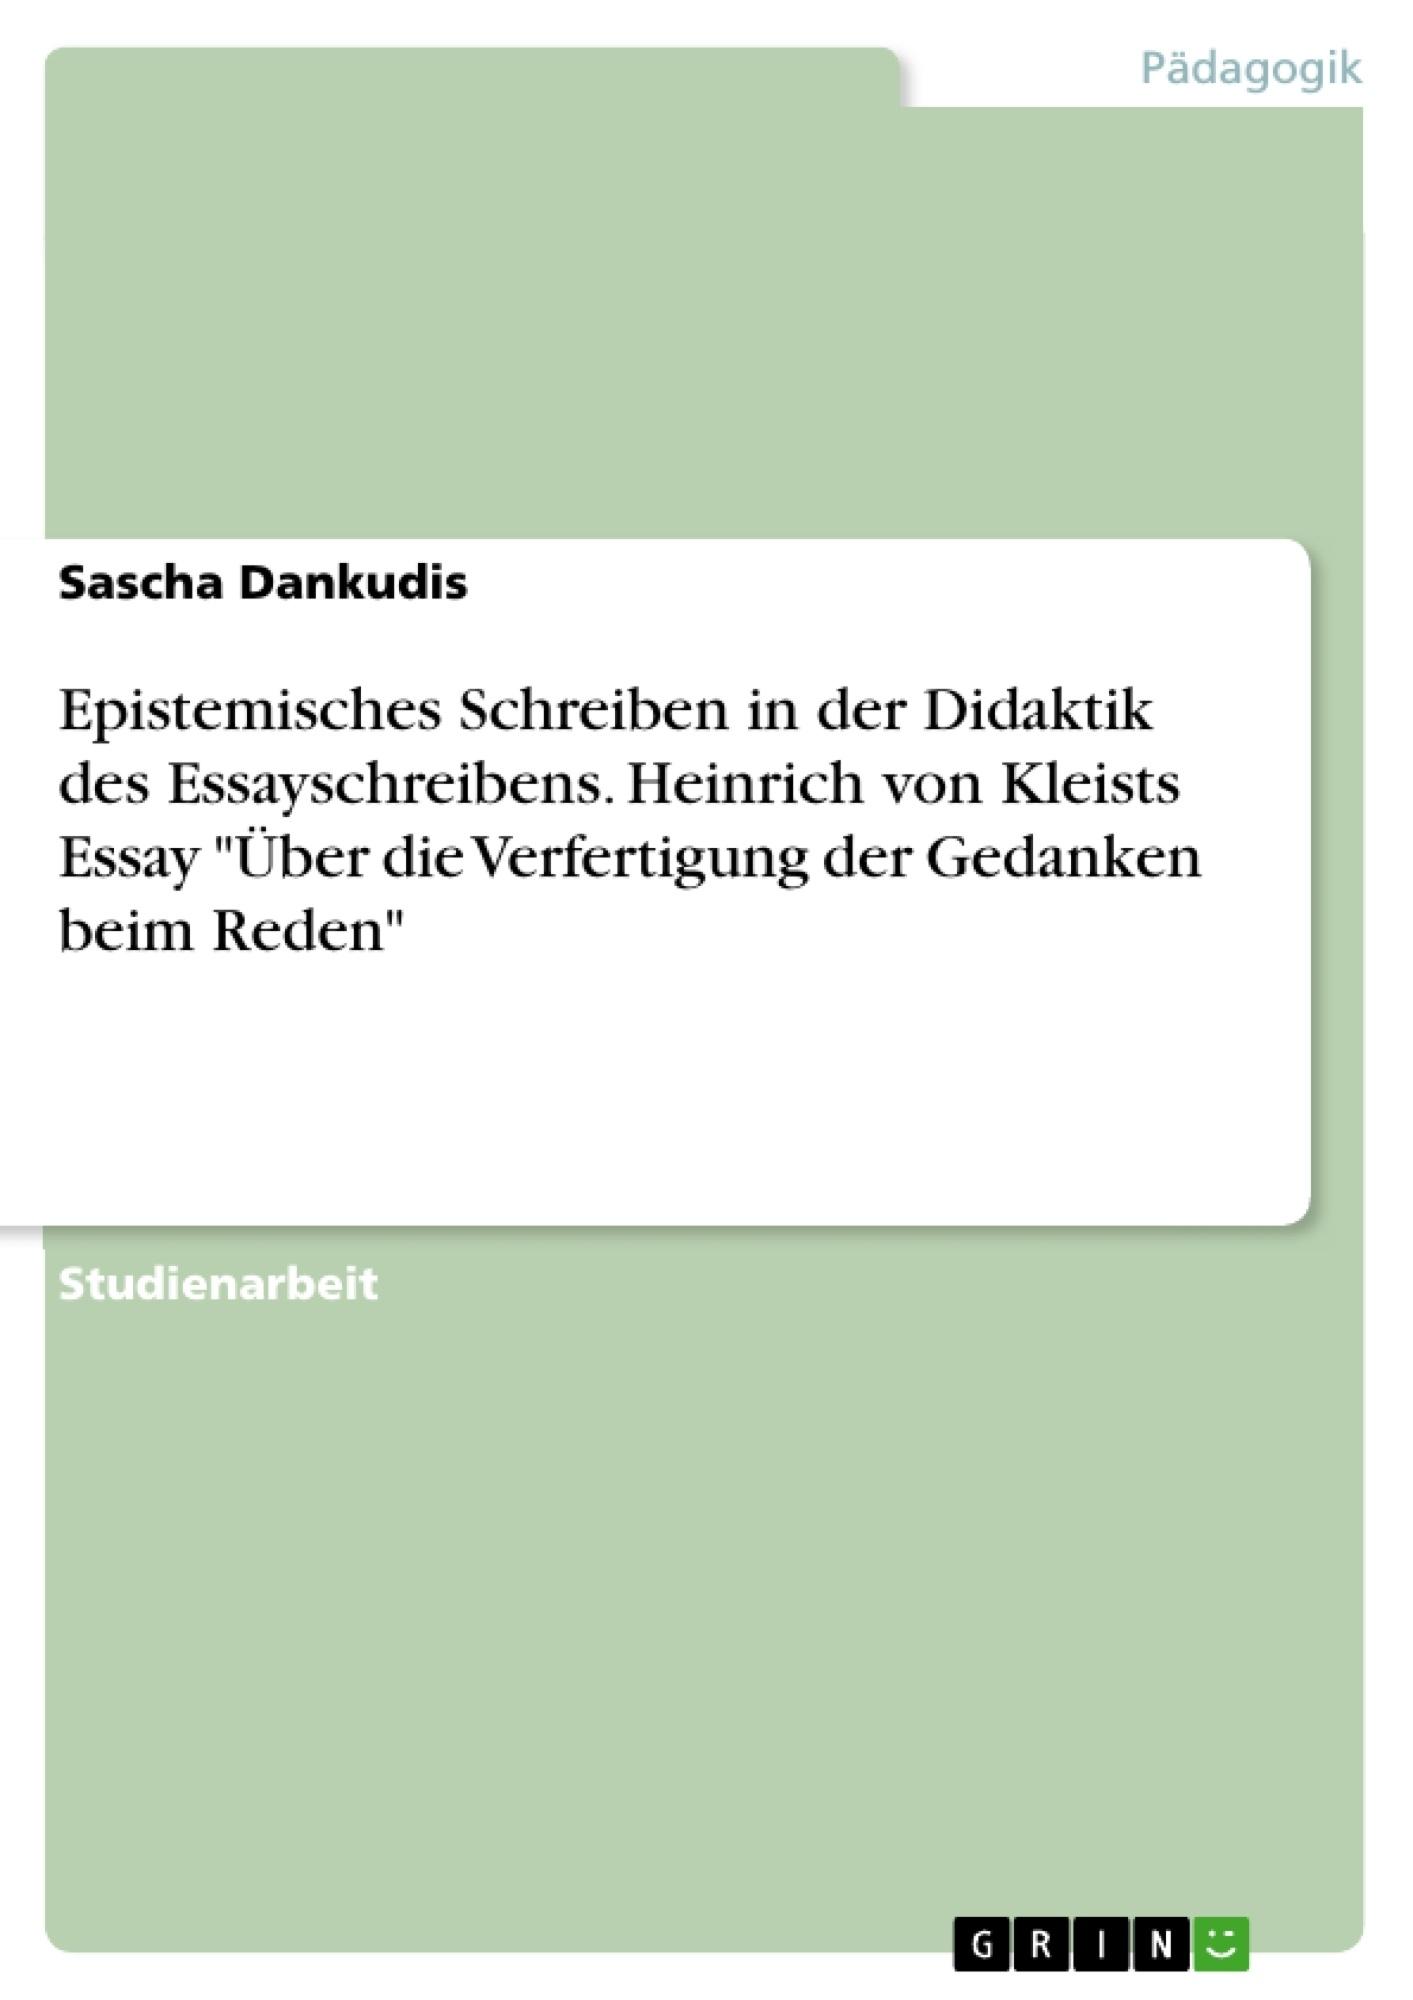 """Titel: Epistemisches Schreiben in der Didaktik des Essayschreibens. Heinrich von Kleists Essay """"Über die Verfertigung der Gedanken beim Reden"""""""